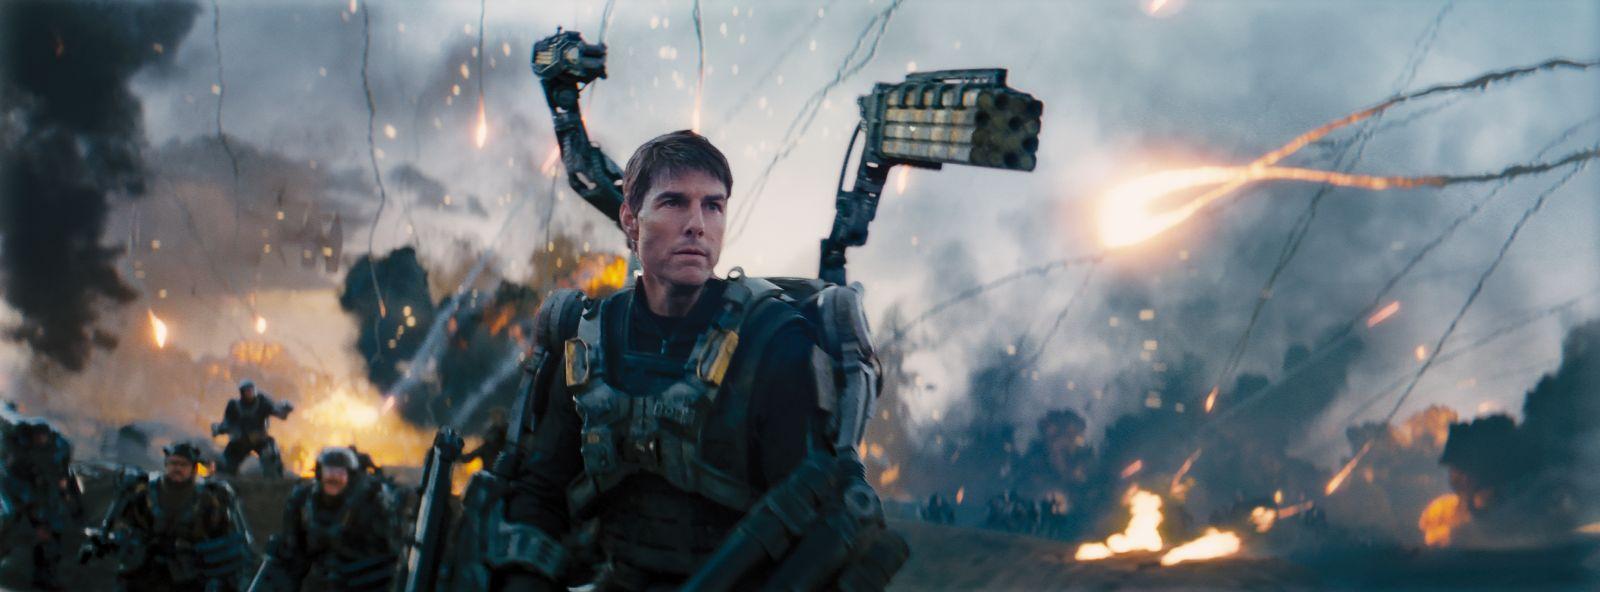 Edge of Tomorrow - Senza domani: Tom Cruise in una concitata scenda del film